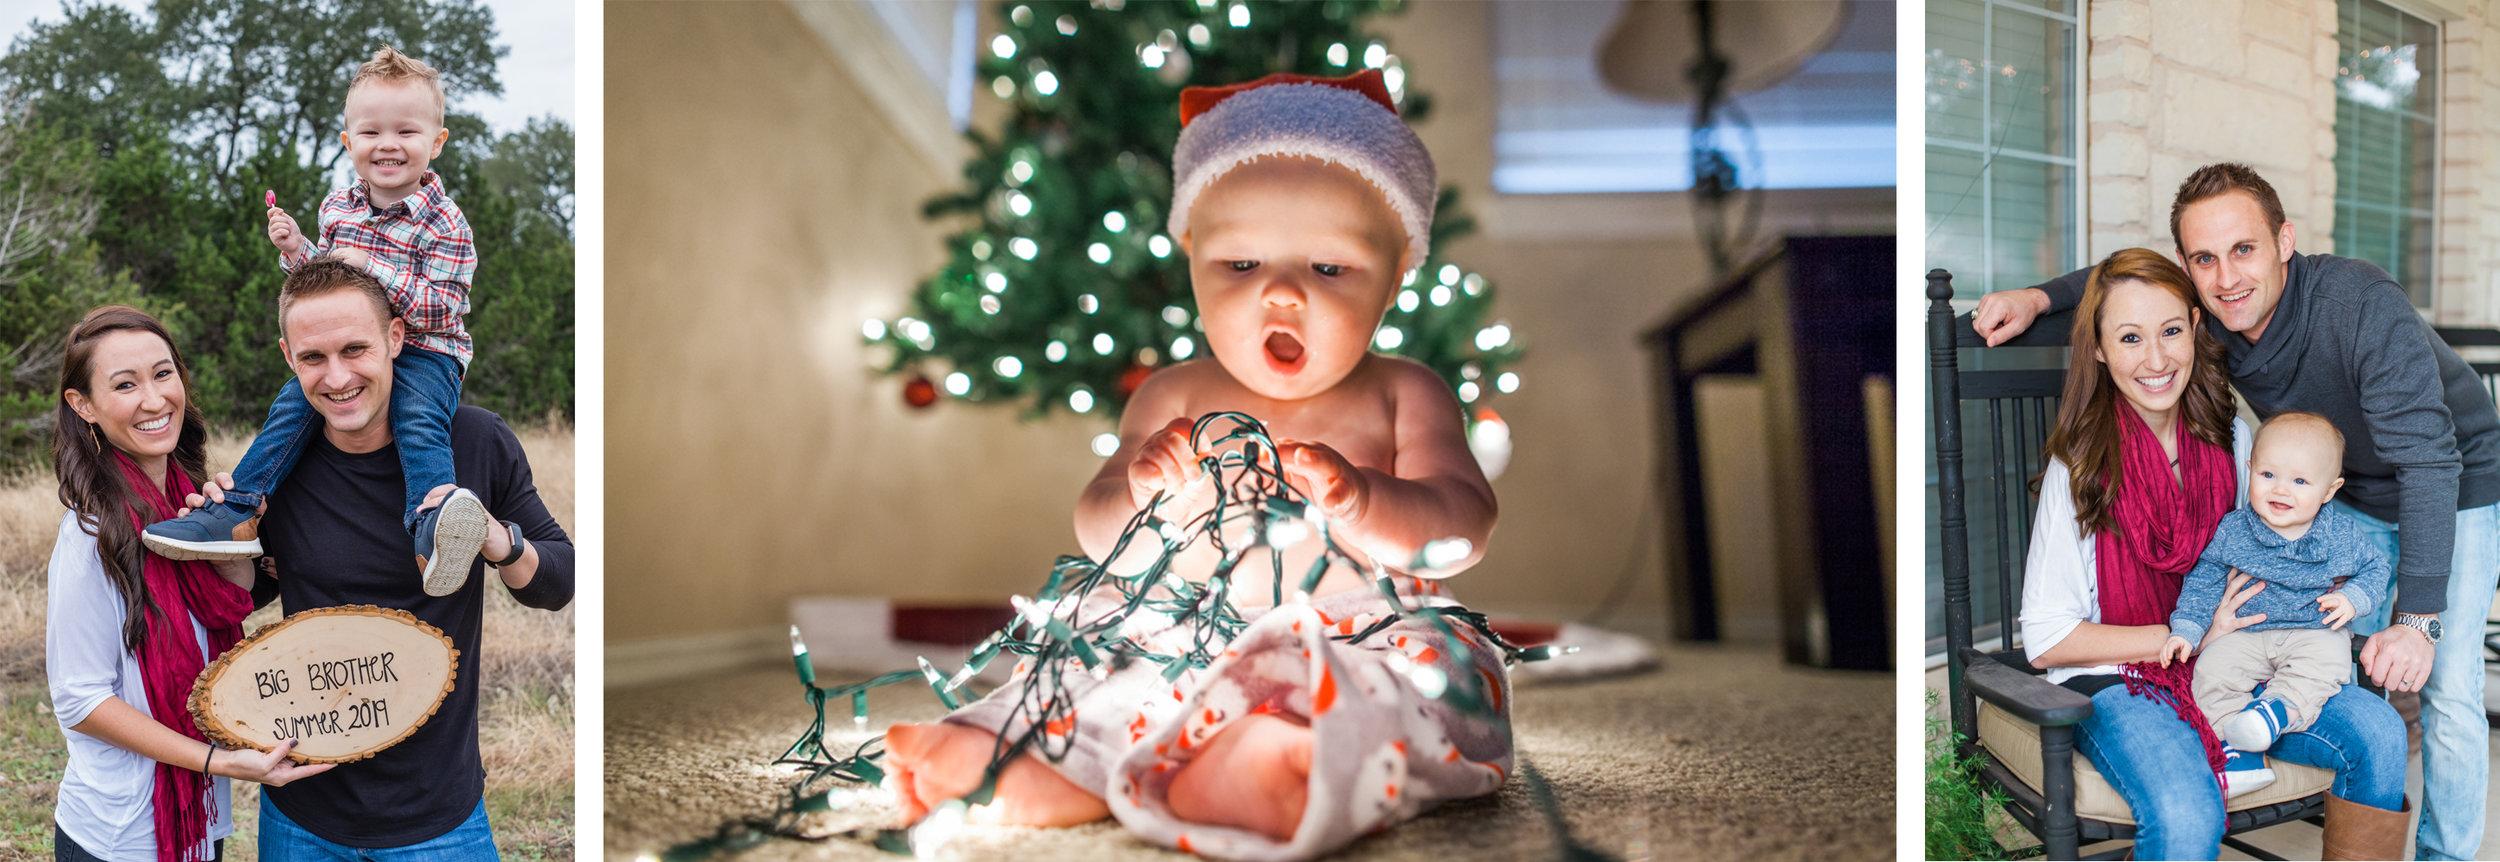 houston family photographer engagement maternity